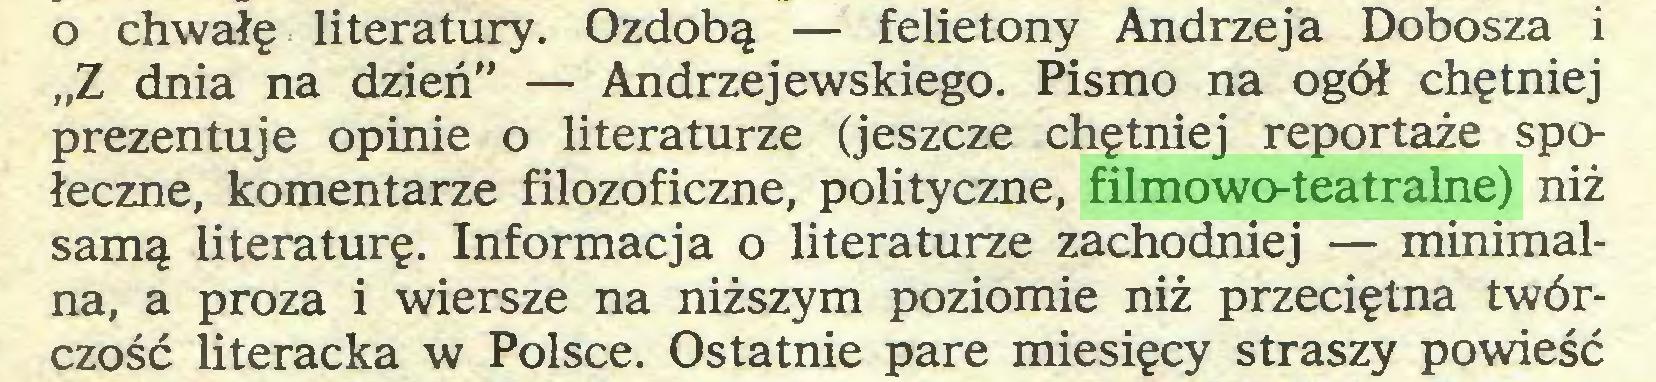 """(...) o chwałę literatury. Ozdobą — felietony Andrzeja Dobosza i """"Z dnia na dzień"""" — Andrzejewskiego. Pismo na ogół chętniej prezentuje opinie o literaturze (jeszcze chętniej reportaże społeczne, komentarze filozoficzne, polityczne, filmowo-teatralne) niż samą literaturę. Informacja o literaturze zachodniej — minimalna, a proza i wiersze na niższym poziomie niż przeciętna twórczość literacka w Polsce. Ostatnie parę miesięcy straszy powieść..."""